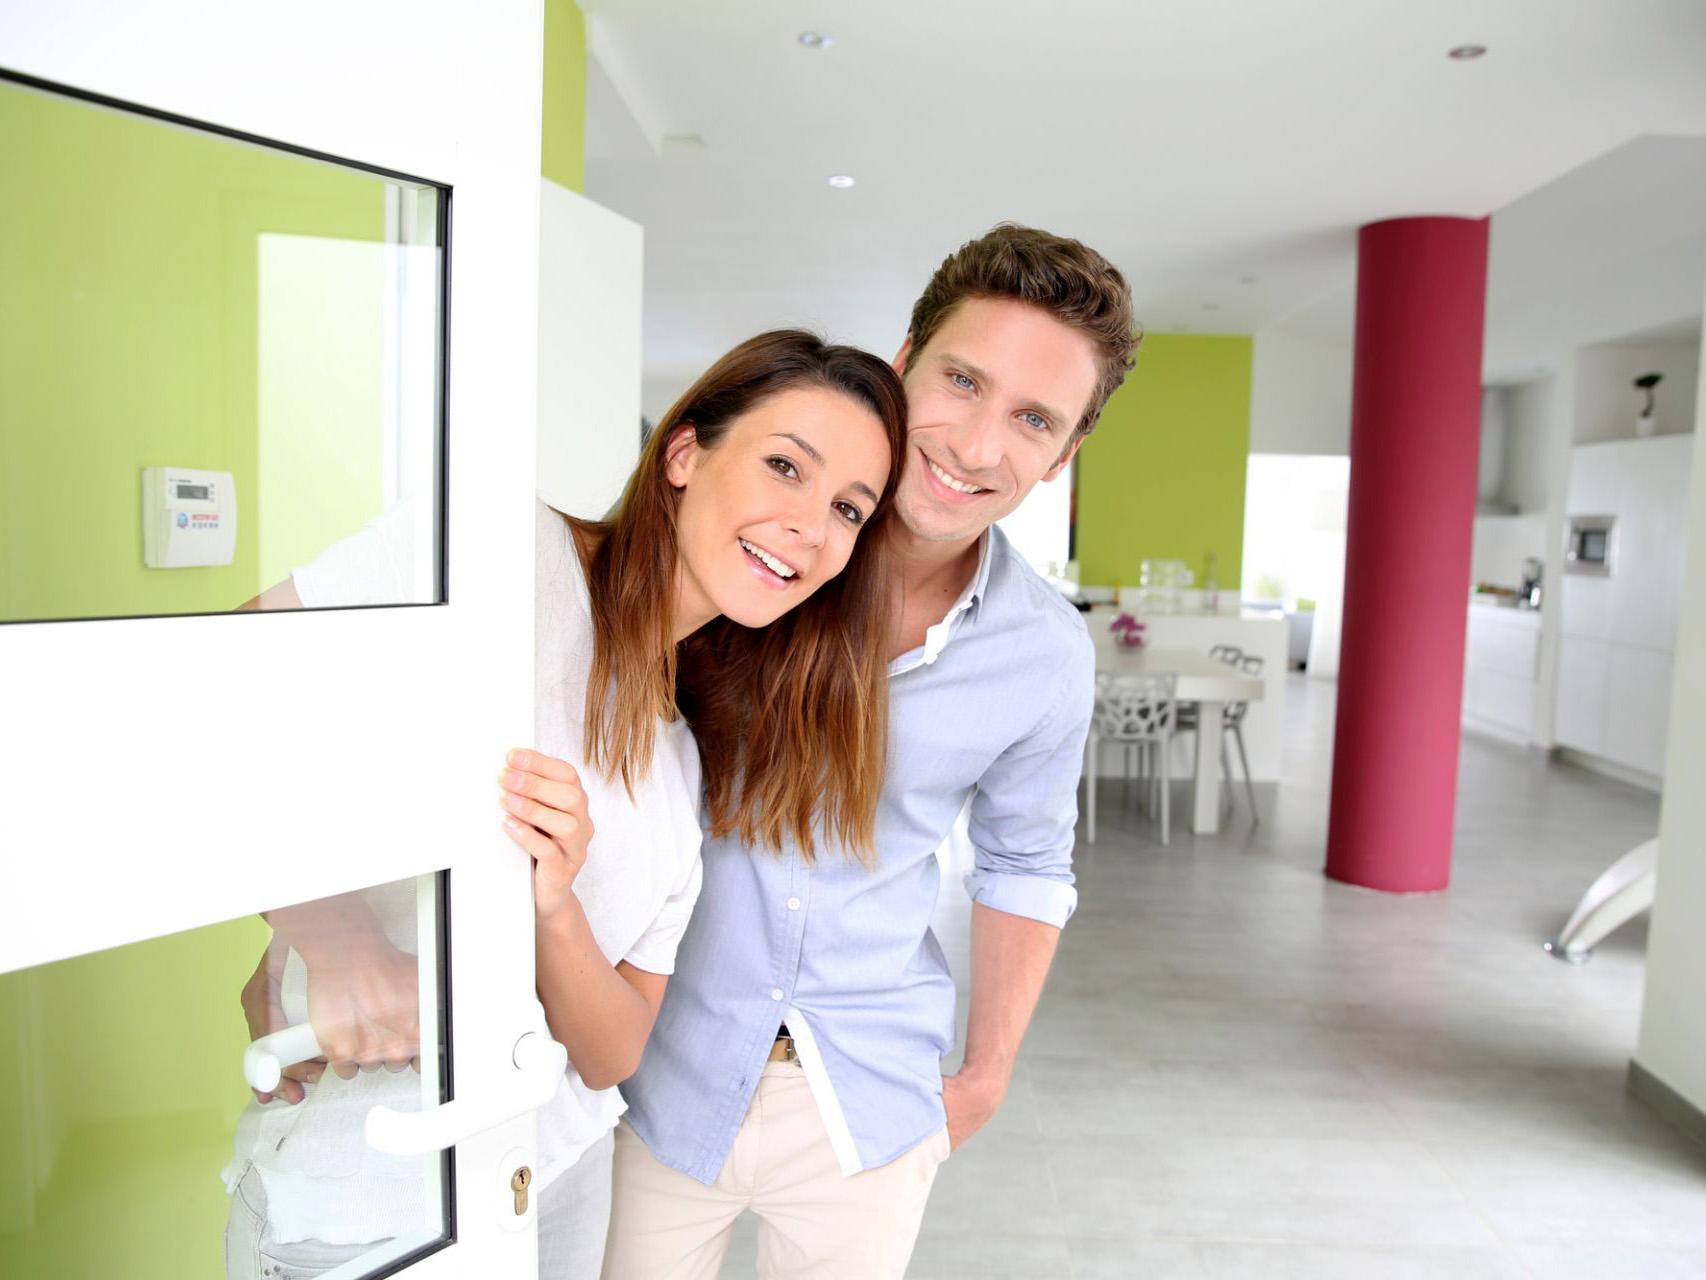 максимальный возраст для взятия ипотеки